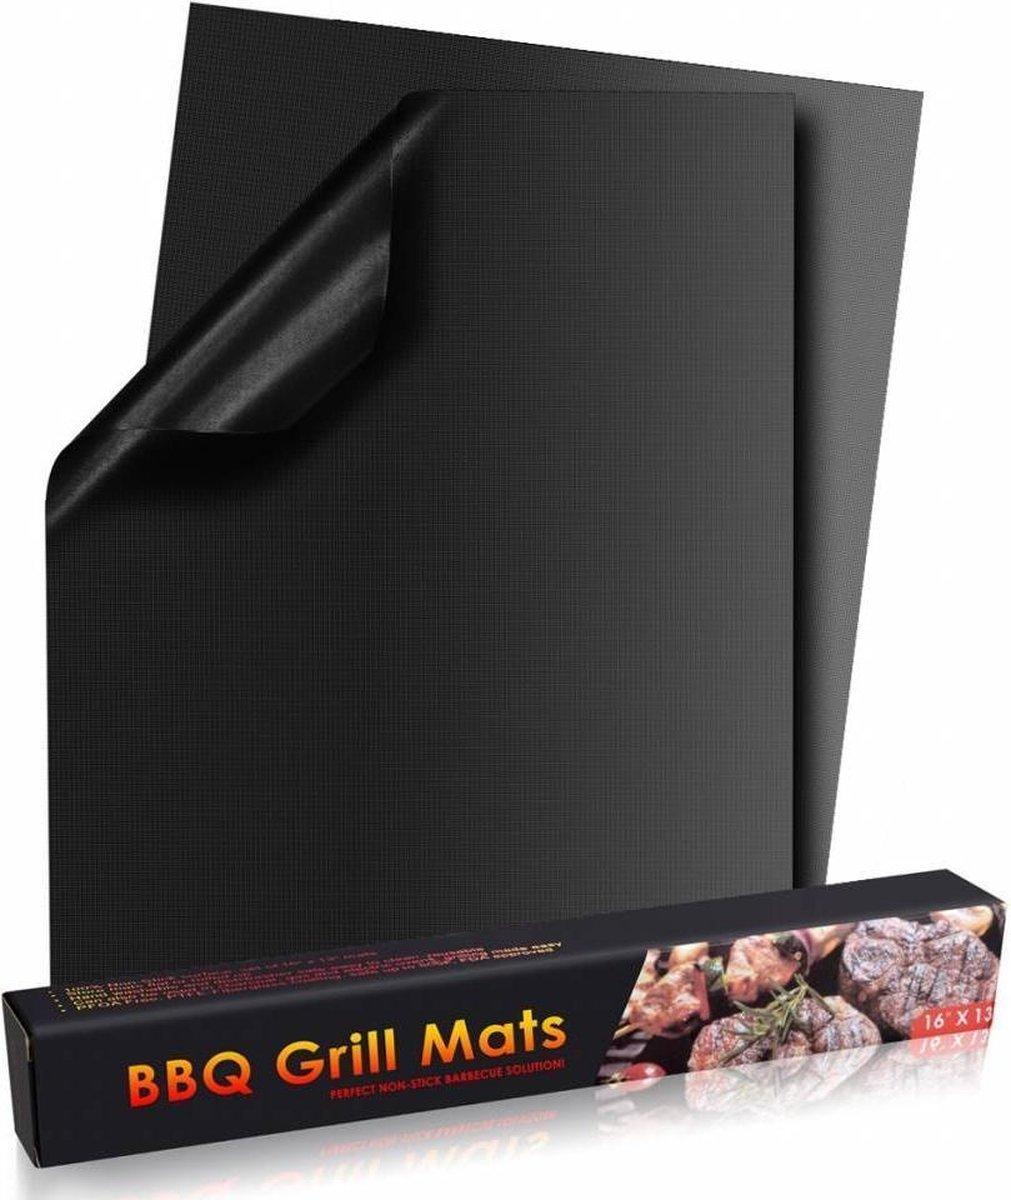 Ovenbeschermer / BBQ Grill Mat - Hittebestendig & Herbruikbaar - 2 stuks